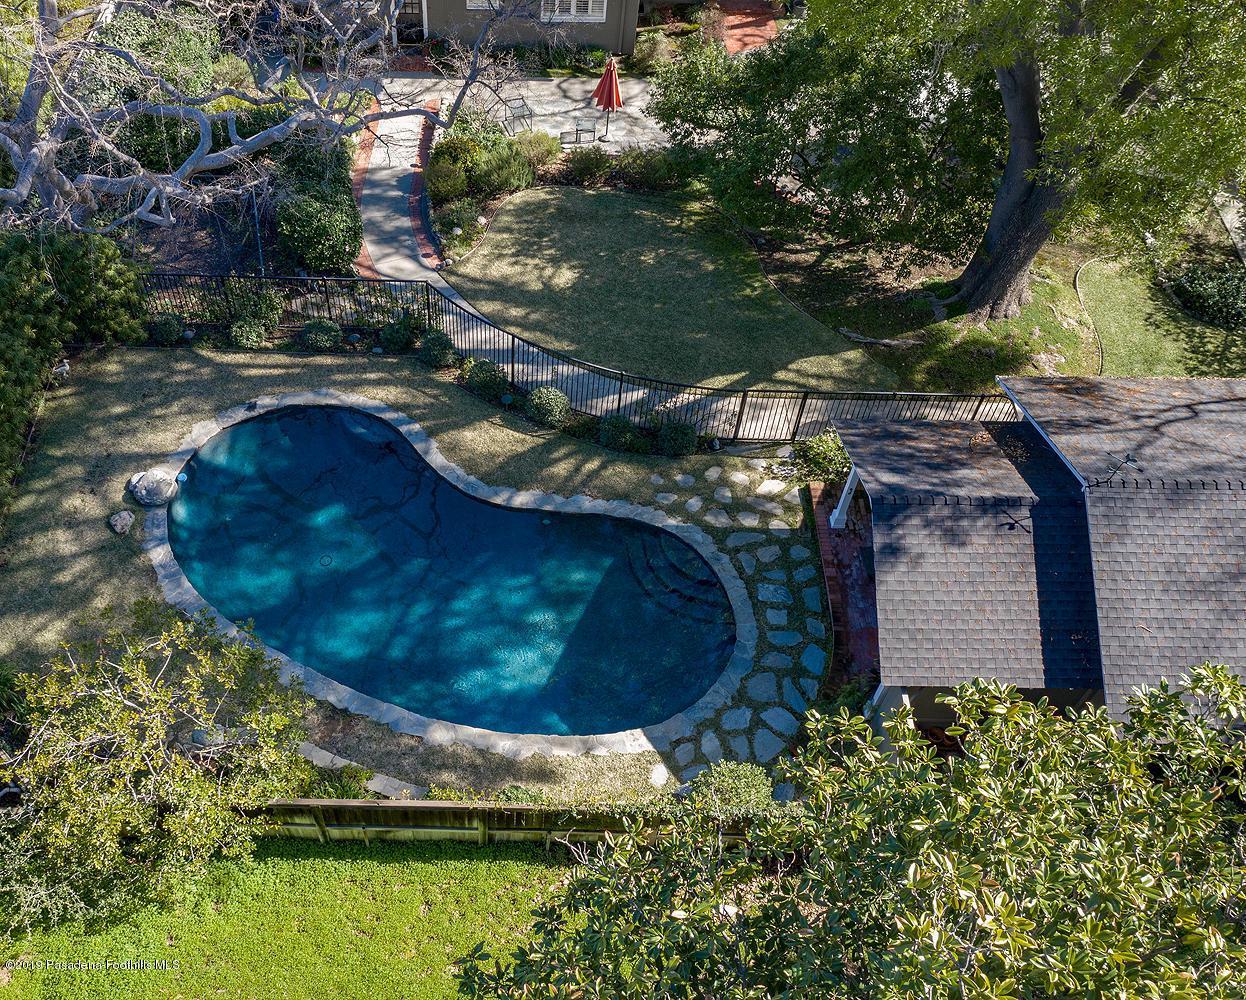 885 LINDA VISTA, Pasadena, CA 91103 - 885 Linda Vista Ave 045-mls